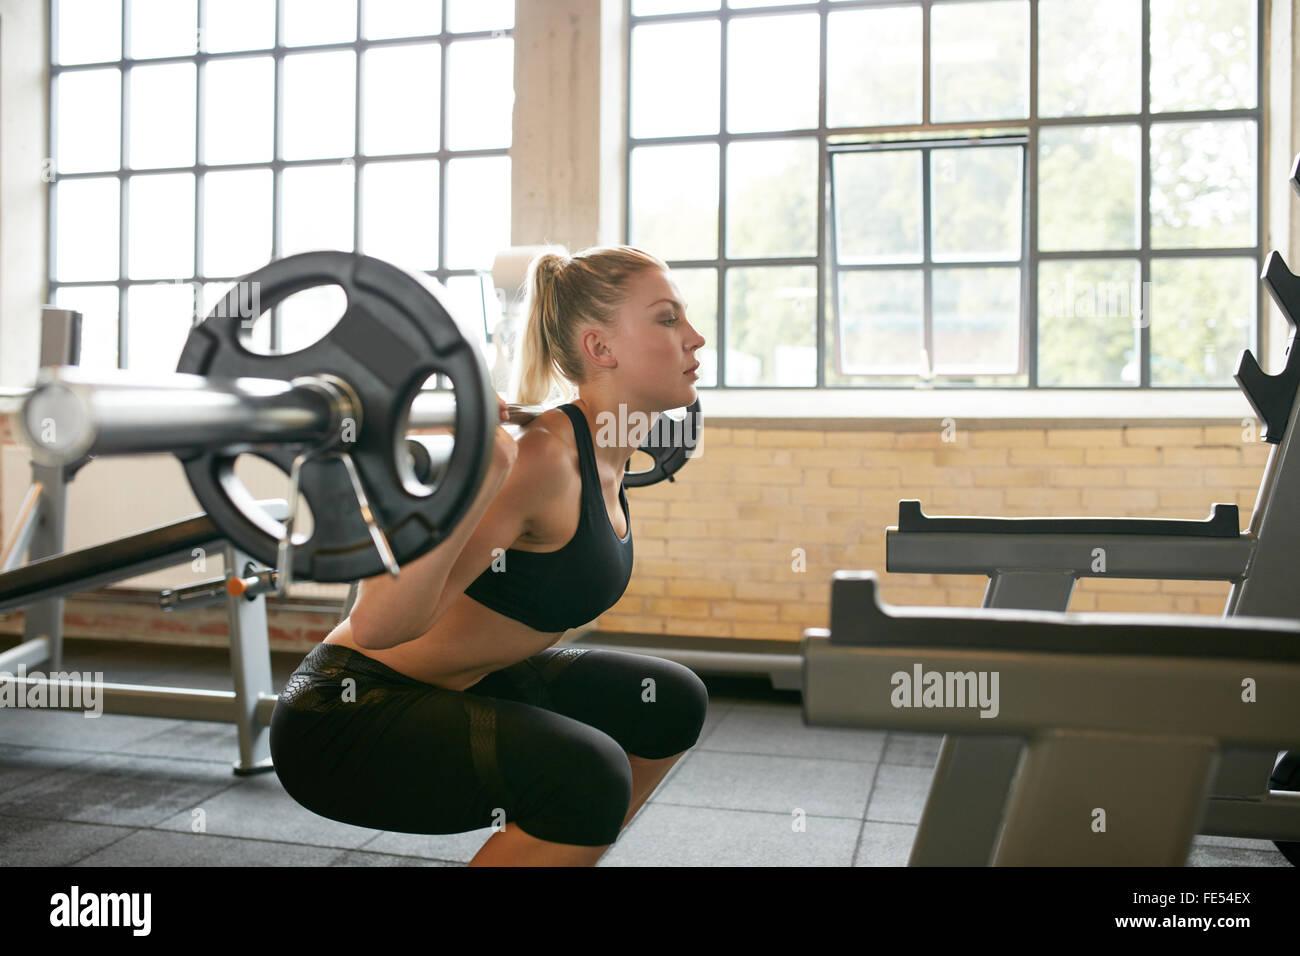 Lavoro femminile in una palestra facendo squat. Giovane donna che lavora fuori utilizzando barbell con pesi pesanti Immagini Stock